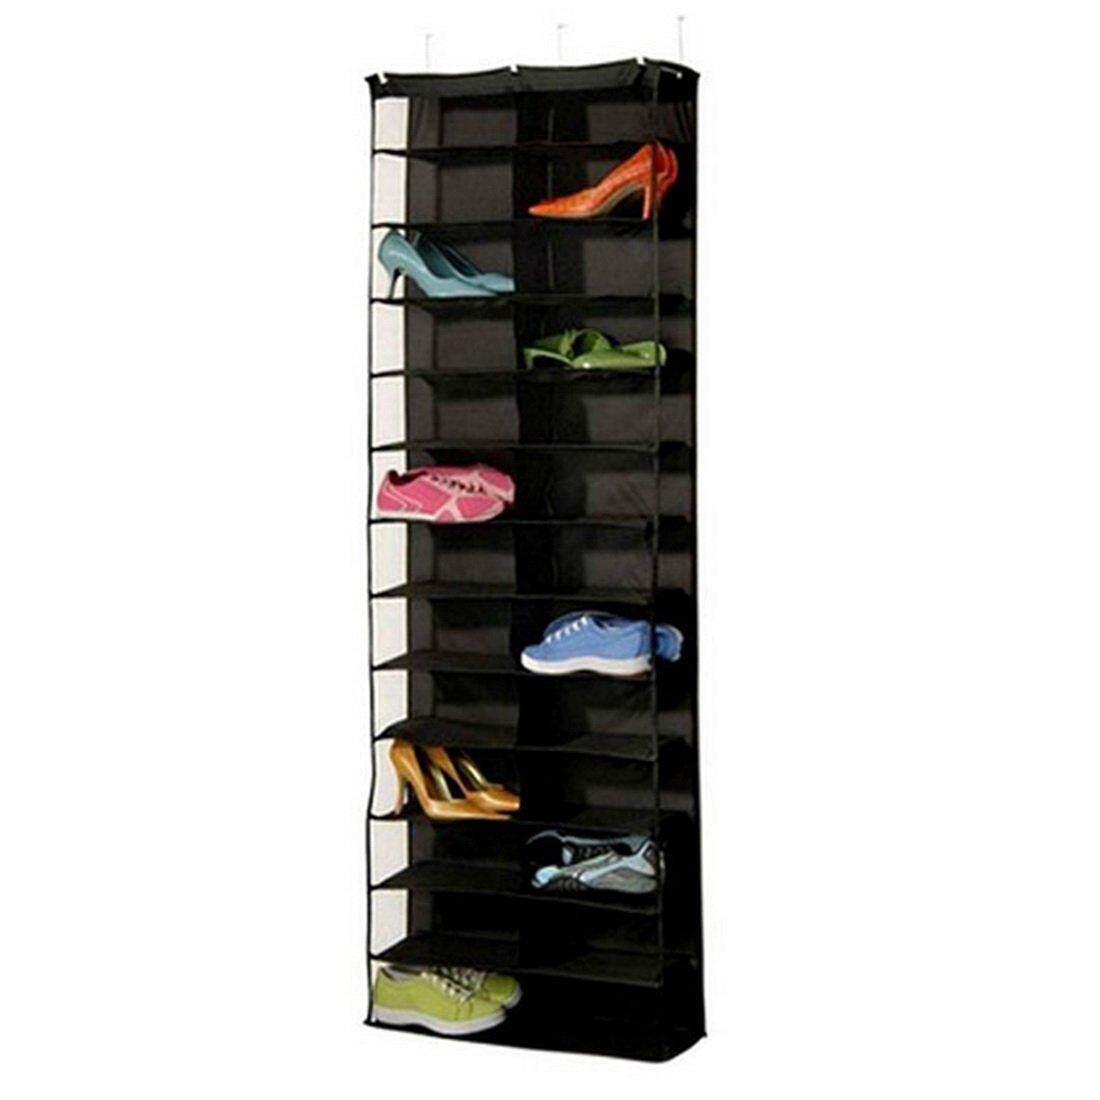 Giá bán RHS Trực Tuyến 26 Cặp Trên Cửa Treo Giày Kệ Đứng Organiser Bỏ Túi